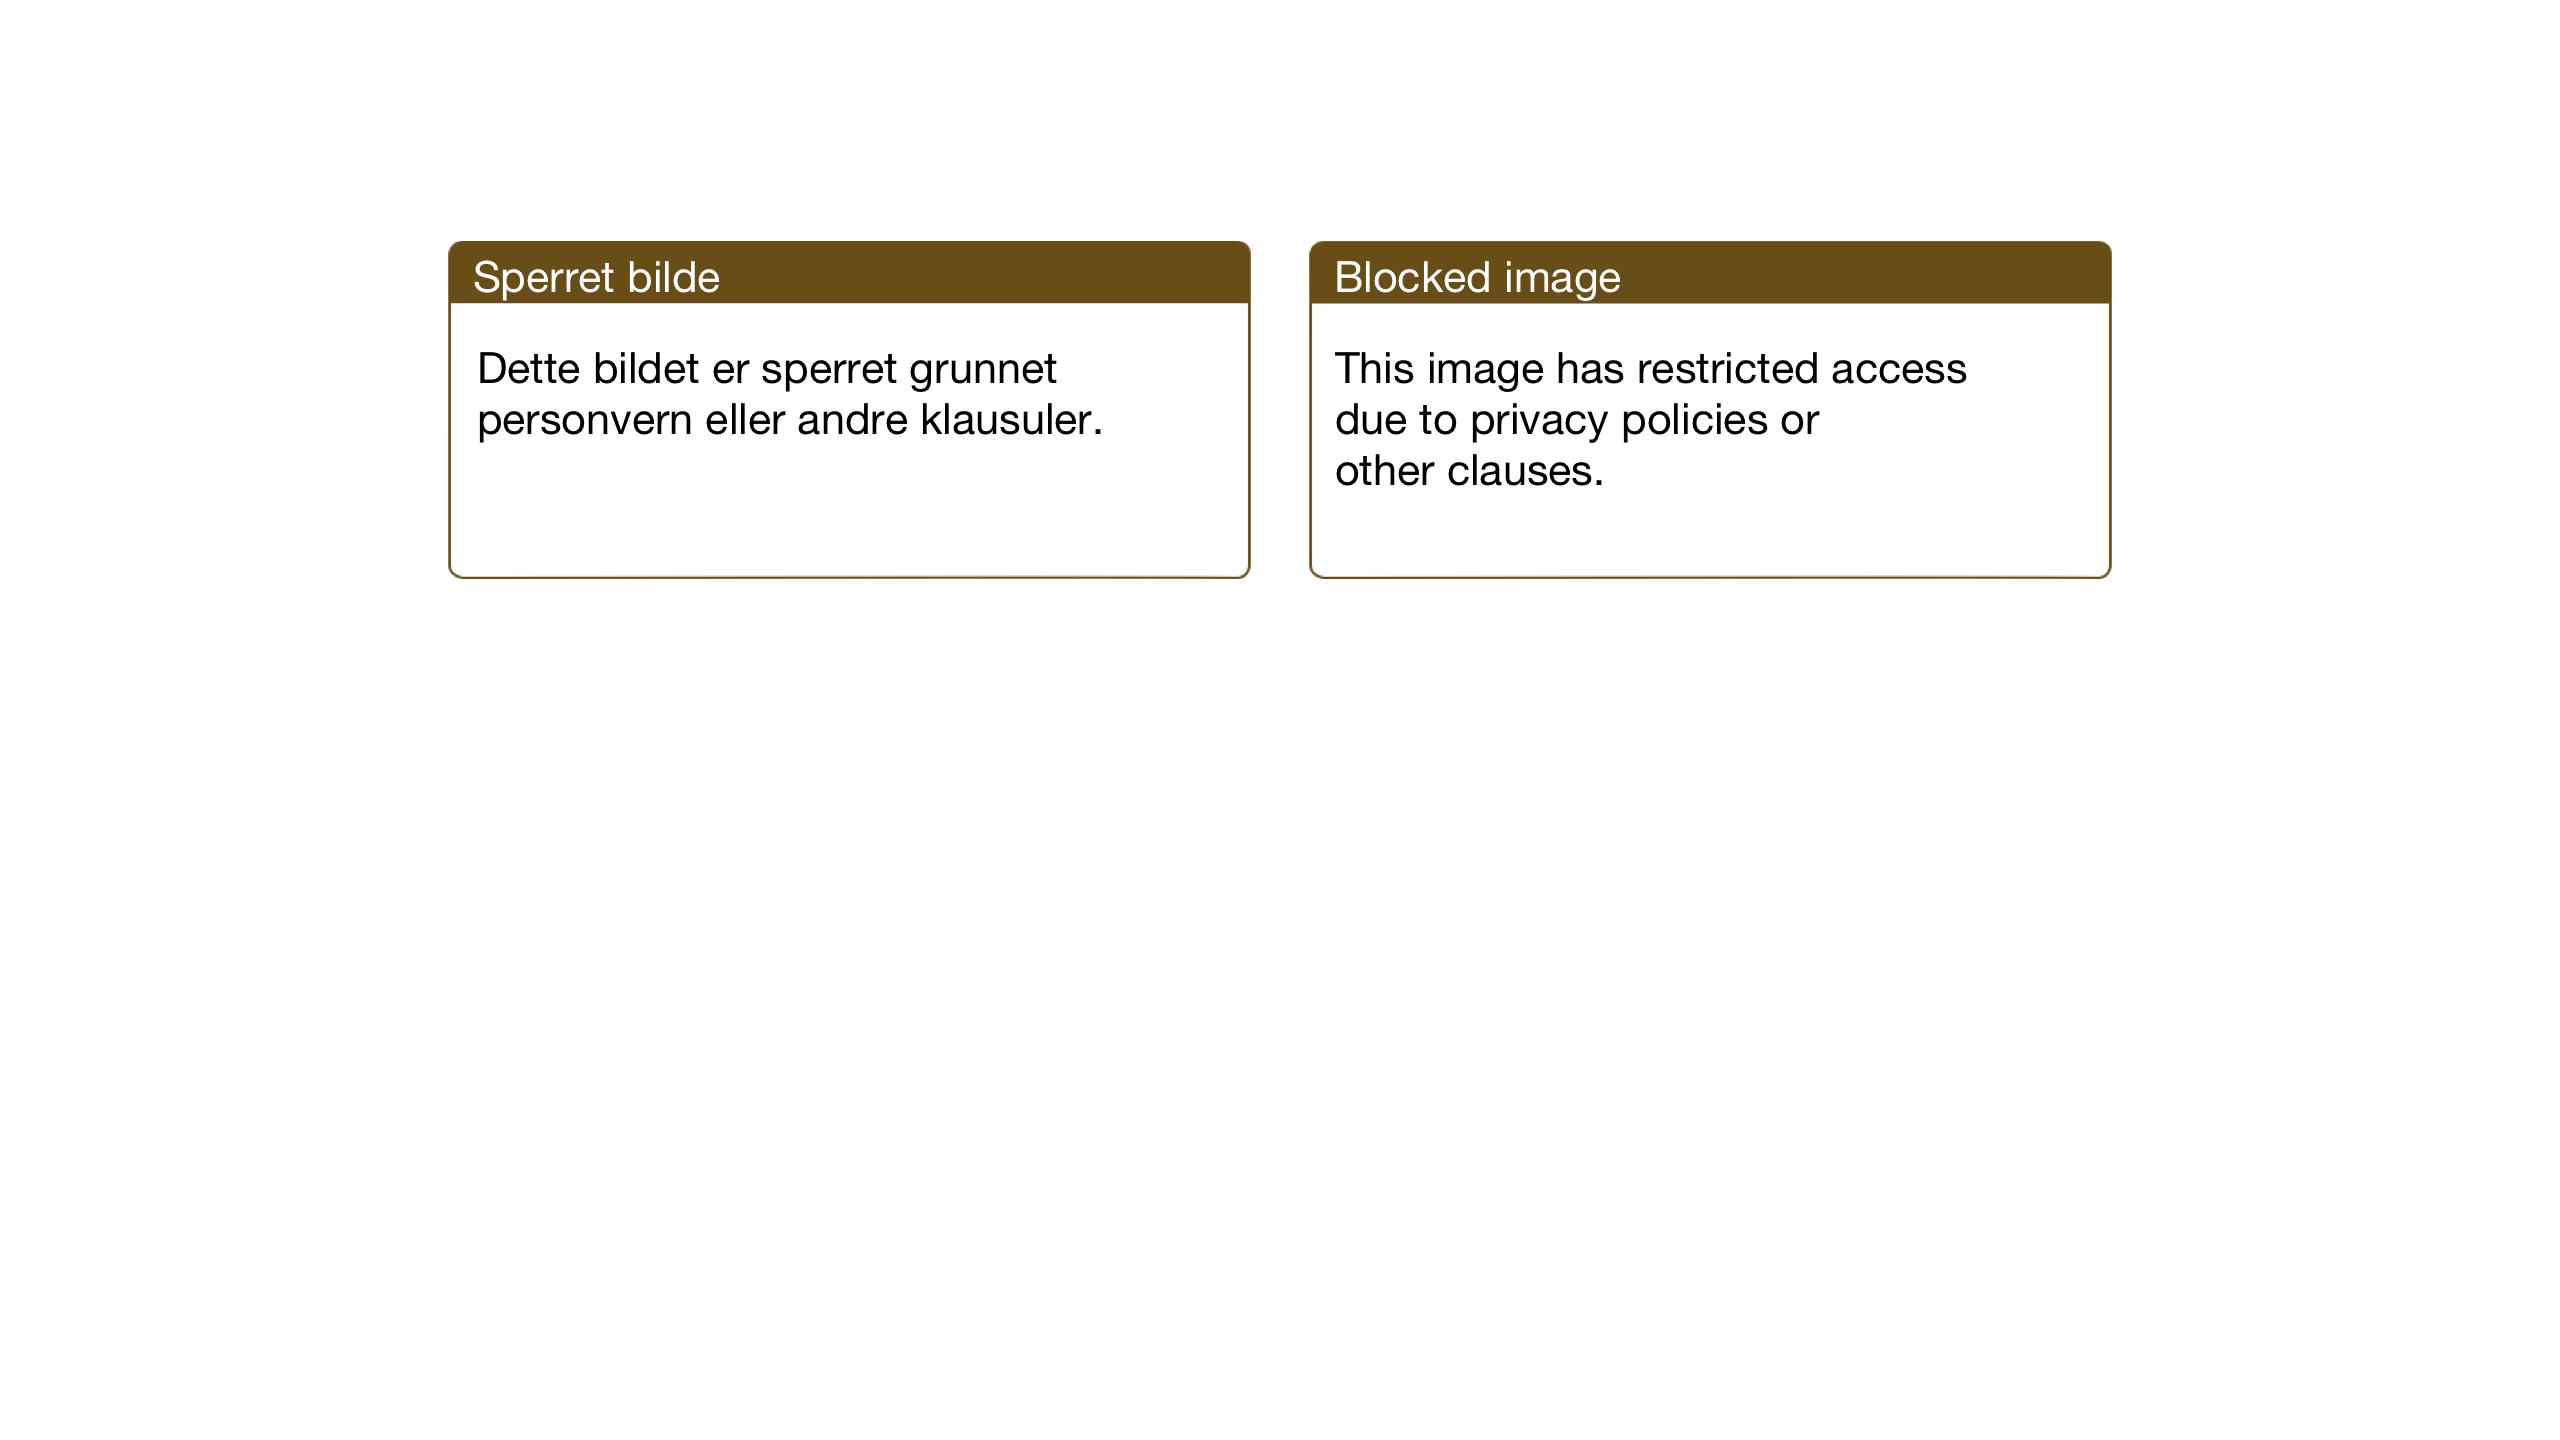 SAT, Ministerialprotokoller, klokkerbøker og fødselsregistre - Sør-Trøndelag, 611/L0357: Klokkerbok nr. 611C05, 1938-1942, s. 41